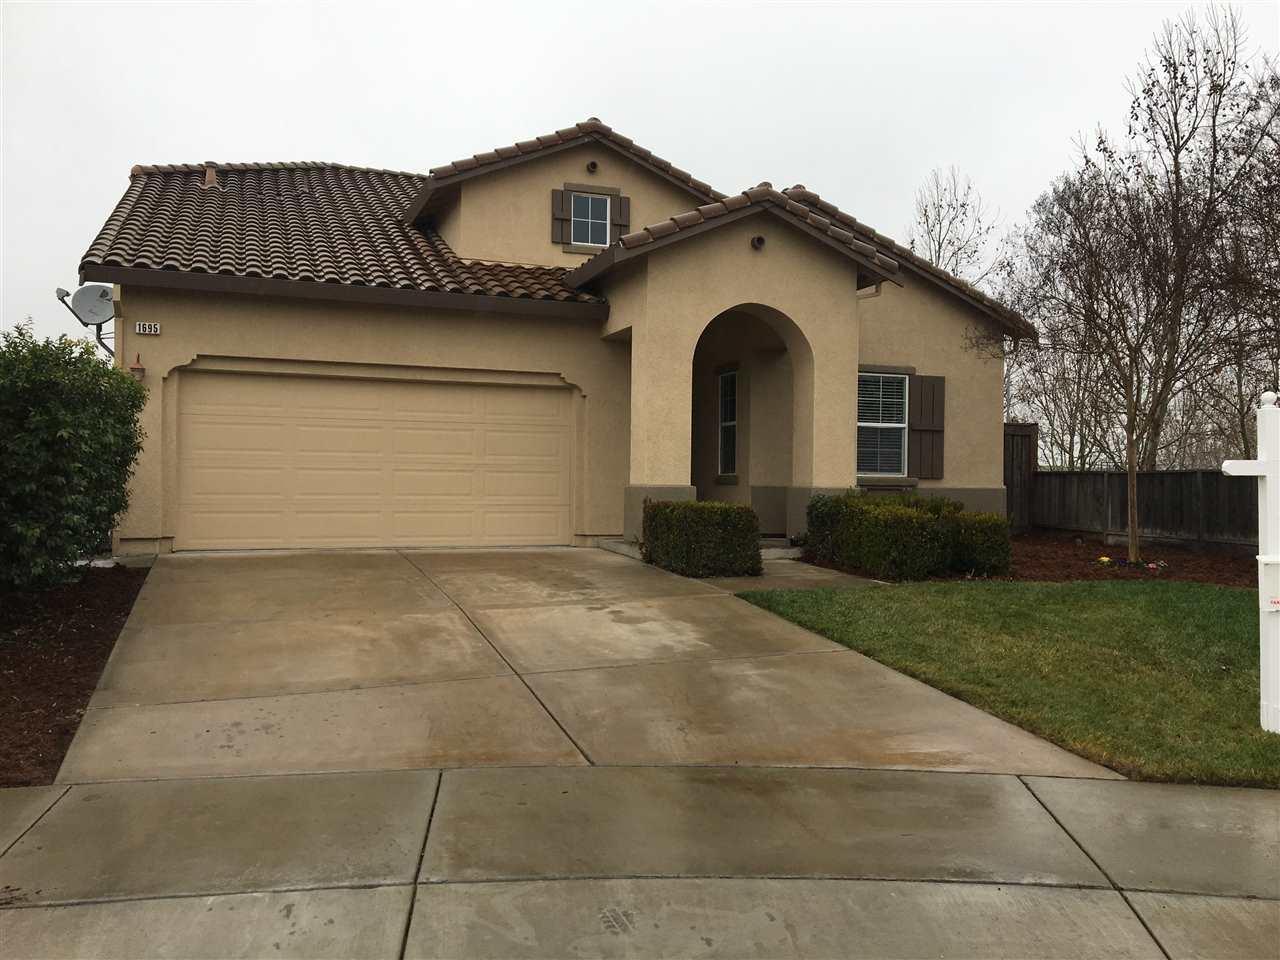 1695 Sycamore Drive 1695 Sycamore Drive Oakley, California 94561 United States